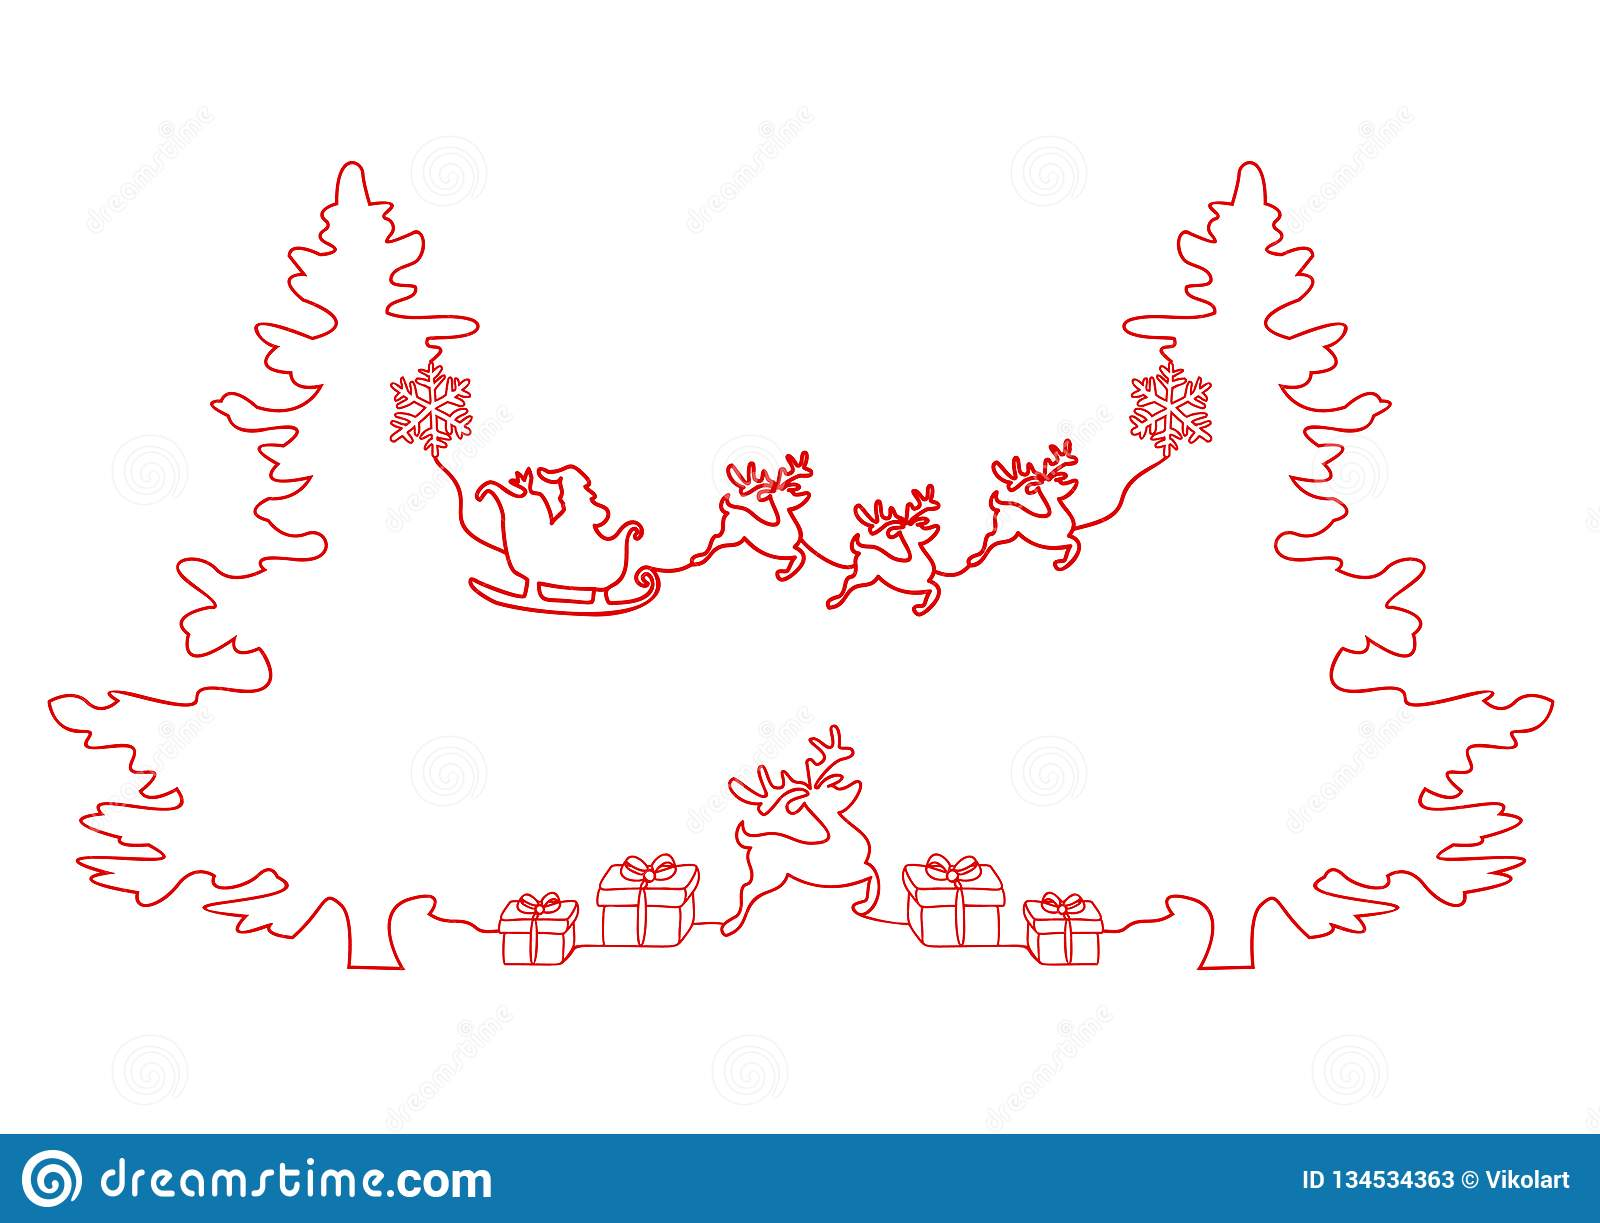 Συνεχές σχέδιο γραμμών διακοπών Χριστουγέννων, Άγιος Βασίλης σε ένα έλκηθρο, ελάφια, χριστουγεννιάτικο δέντρο, Snowflakes, δώρα